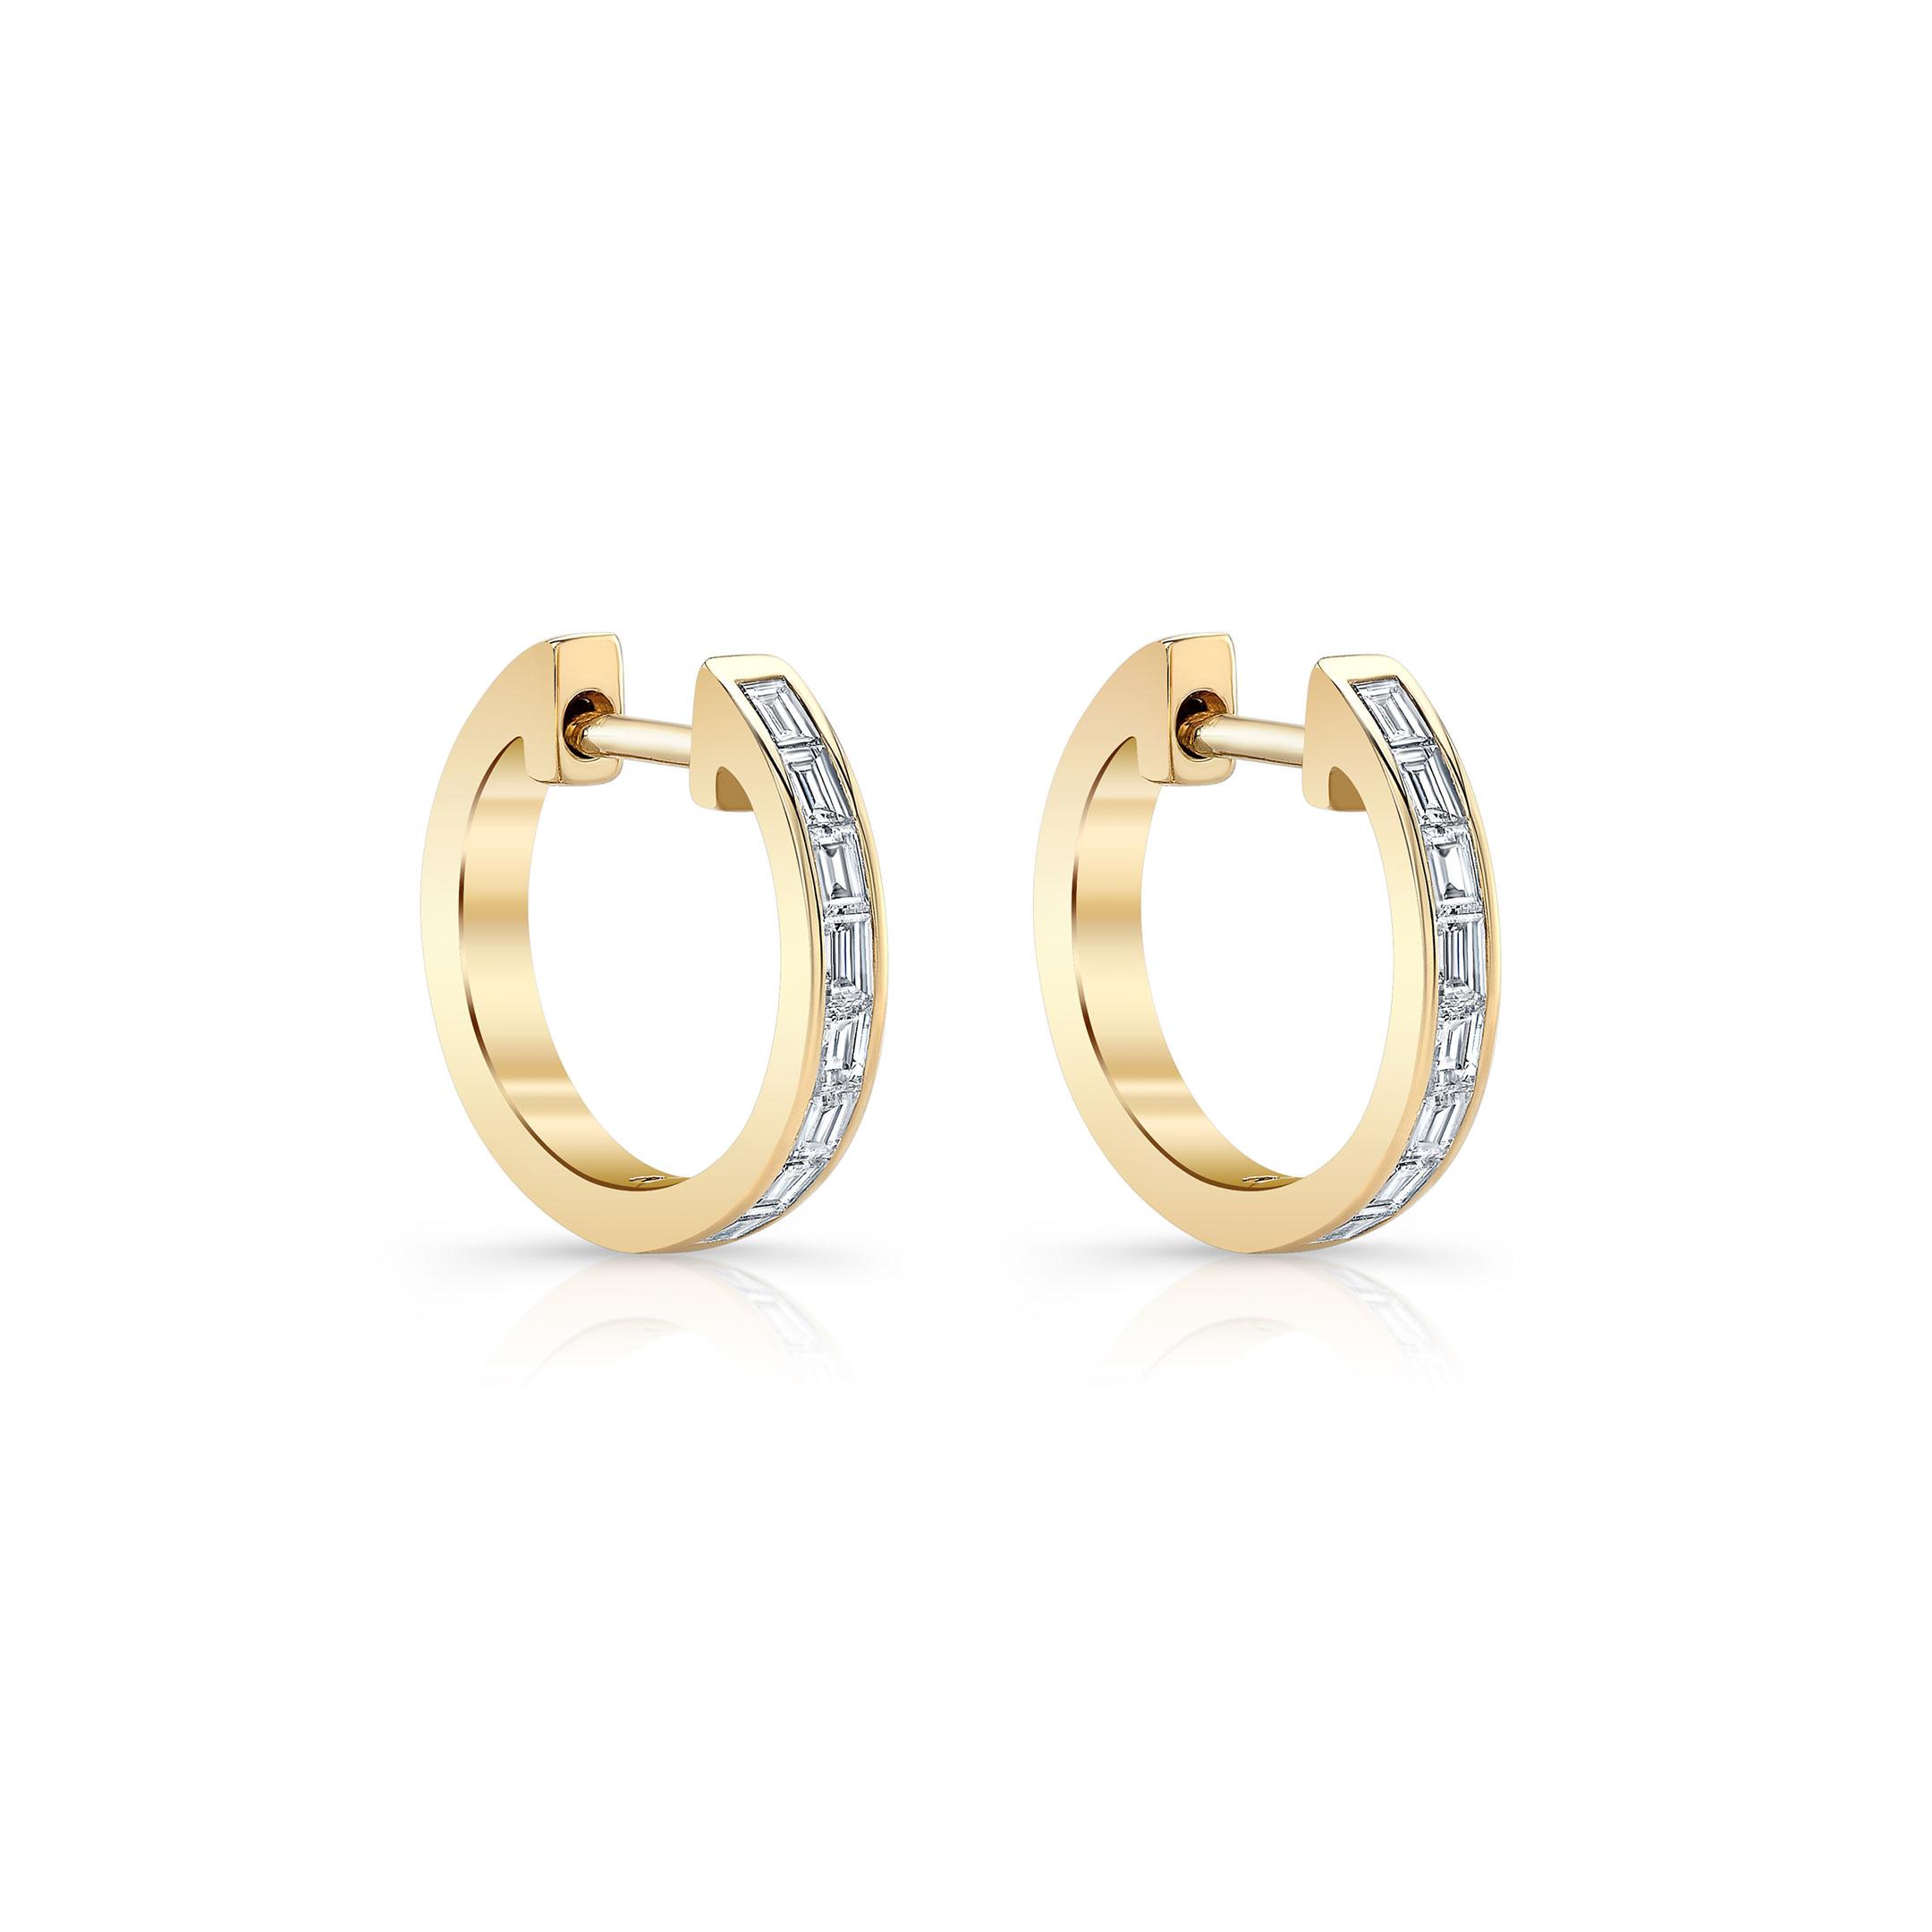 Eloise Mini Baguette Diamond Huggie Earrings in 18k Yellow Gold Side View by Oui by Jean Dousset